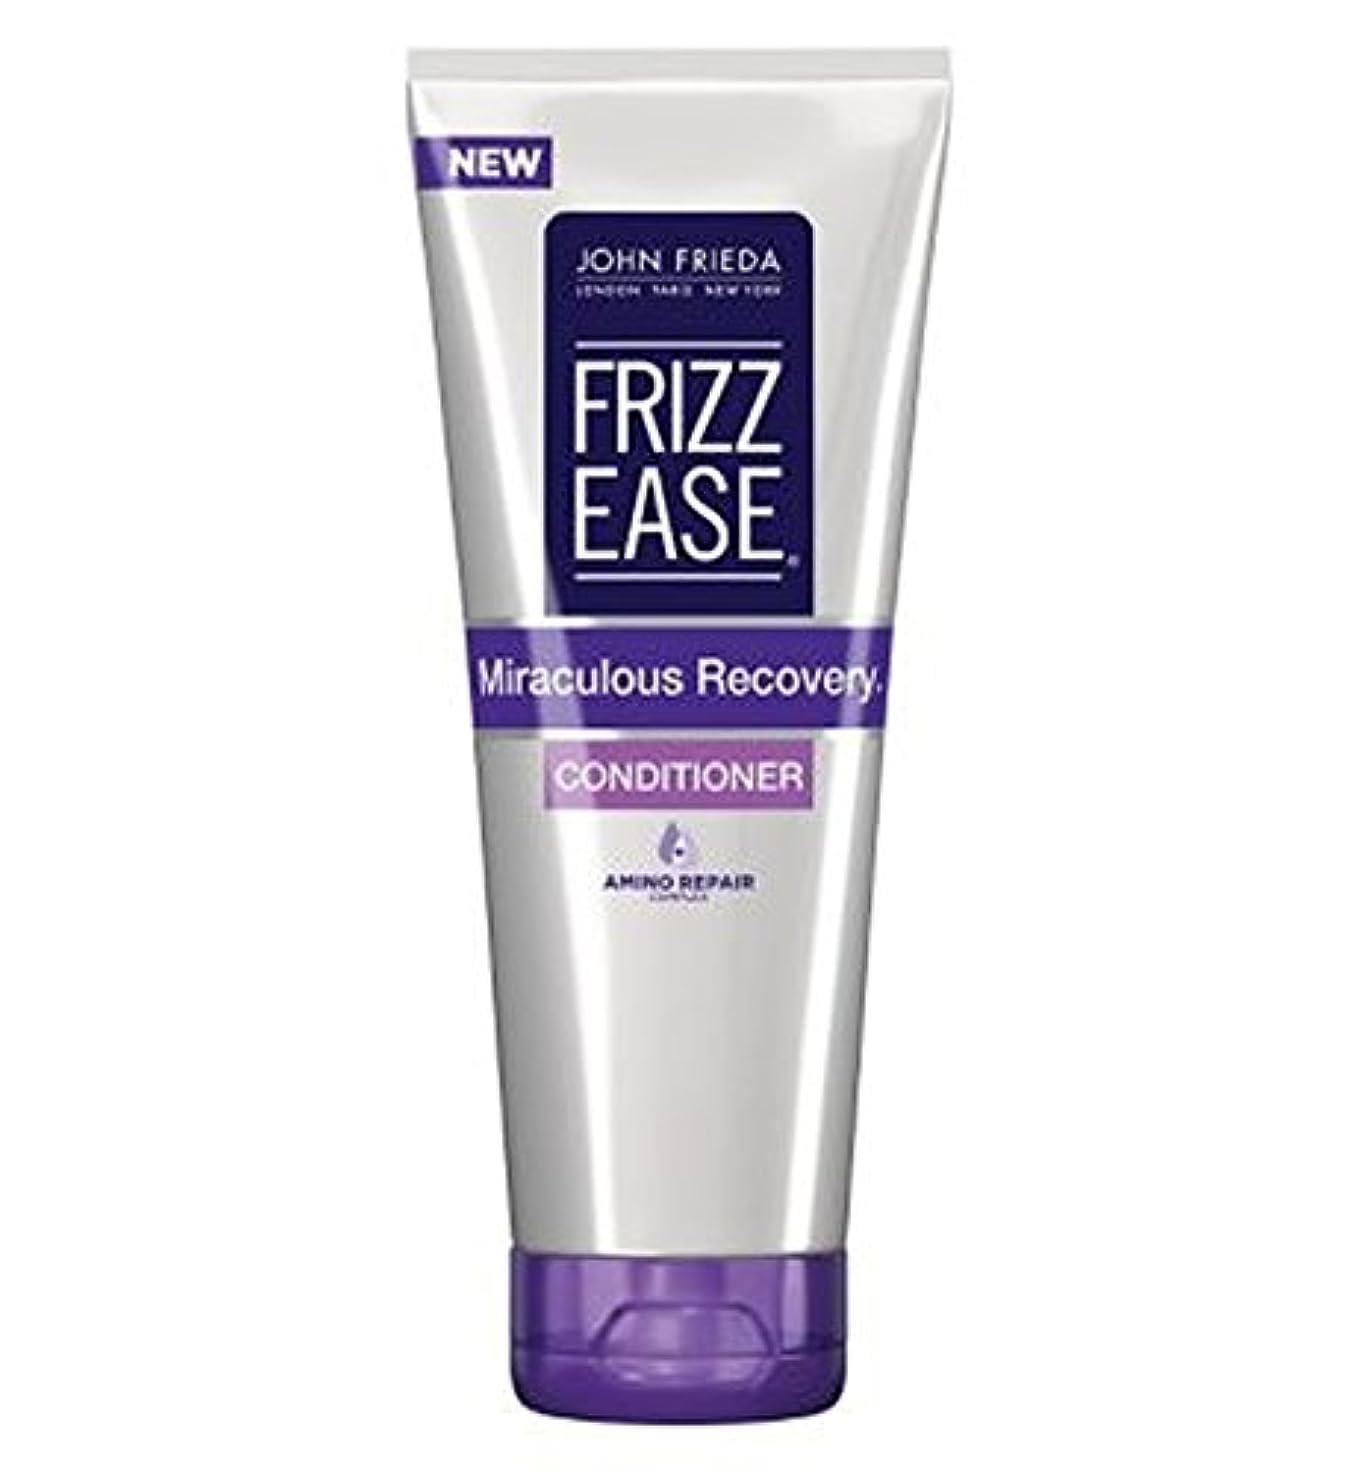 ひねくれたバングトランクライブラリジョン?フリーダ縮れ容易奇跡的な回復コンディショナー250Ml (John Frieda) (x2) - John Frieda Frizz Ease Miraculous Recovery Conditioner 250ml...